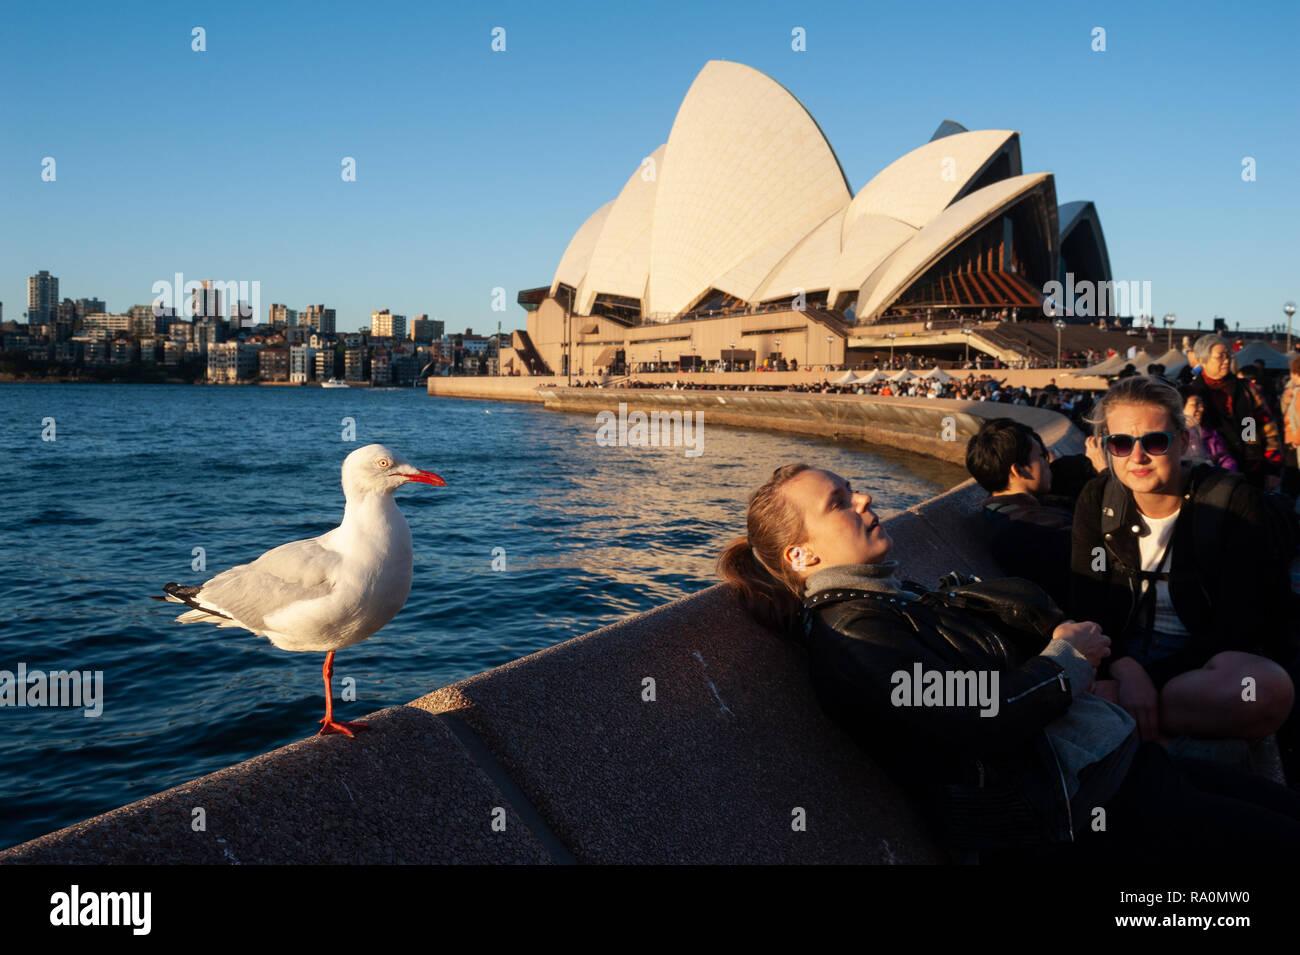 16.09.2018, Sydney, New South Wales, Australien - Menschen geniessen zusammen mit Moewe sterben Abendsonne in einem strassencafe am Circular Quay, w Stockbild